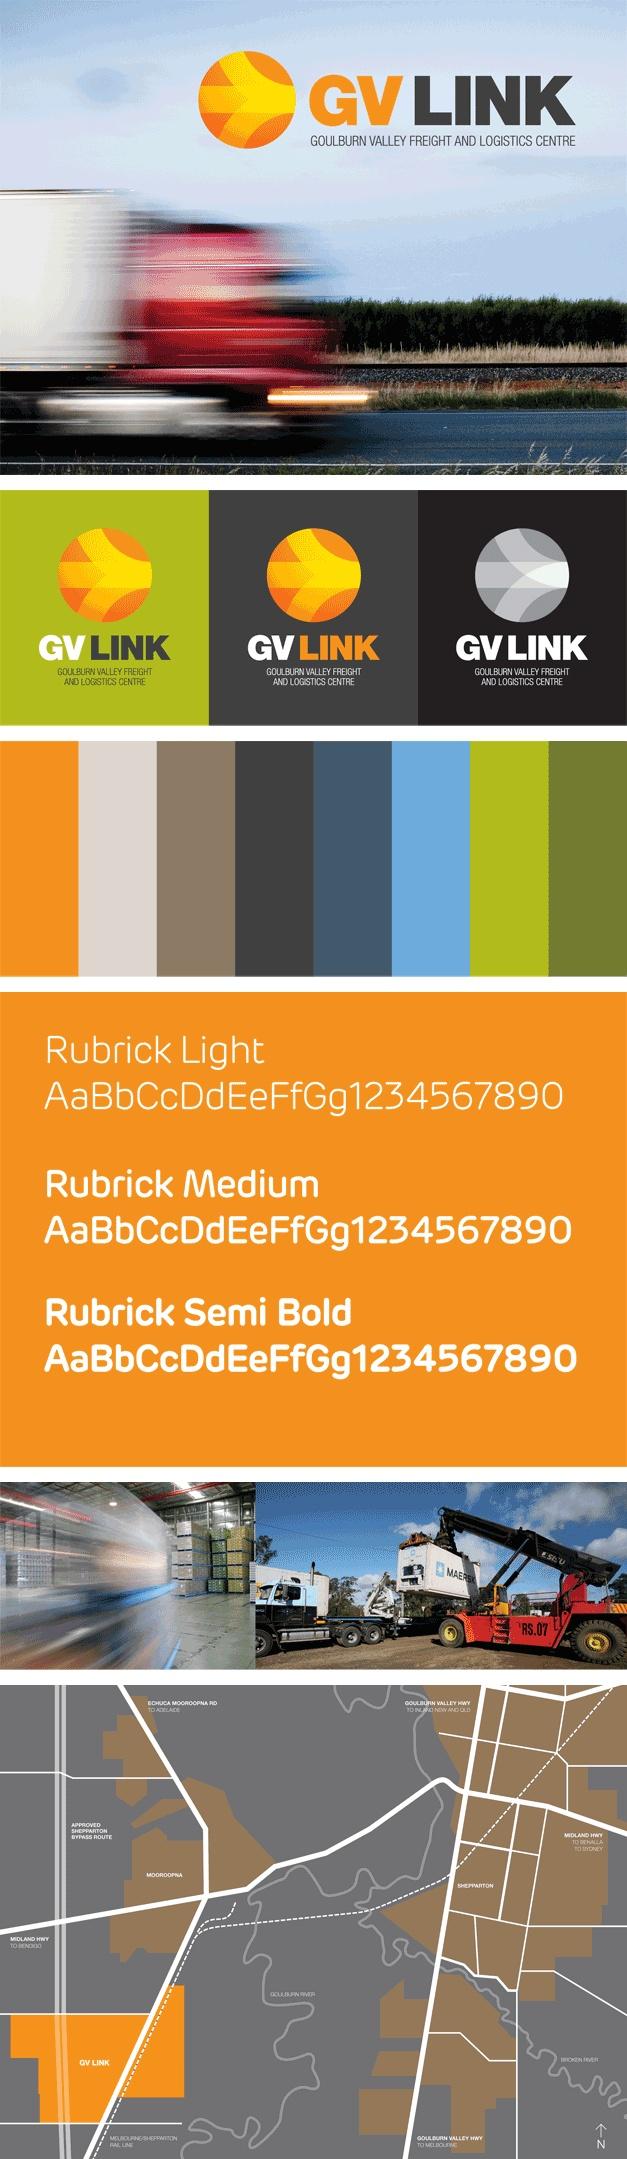 GV Link branding for Greater Shepparton City Council. www.fenton.com.au #communication #PR #branding #graphicdesign